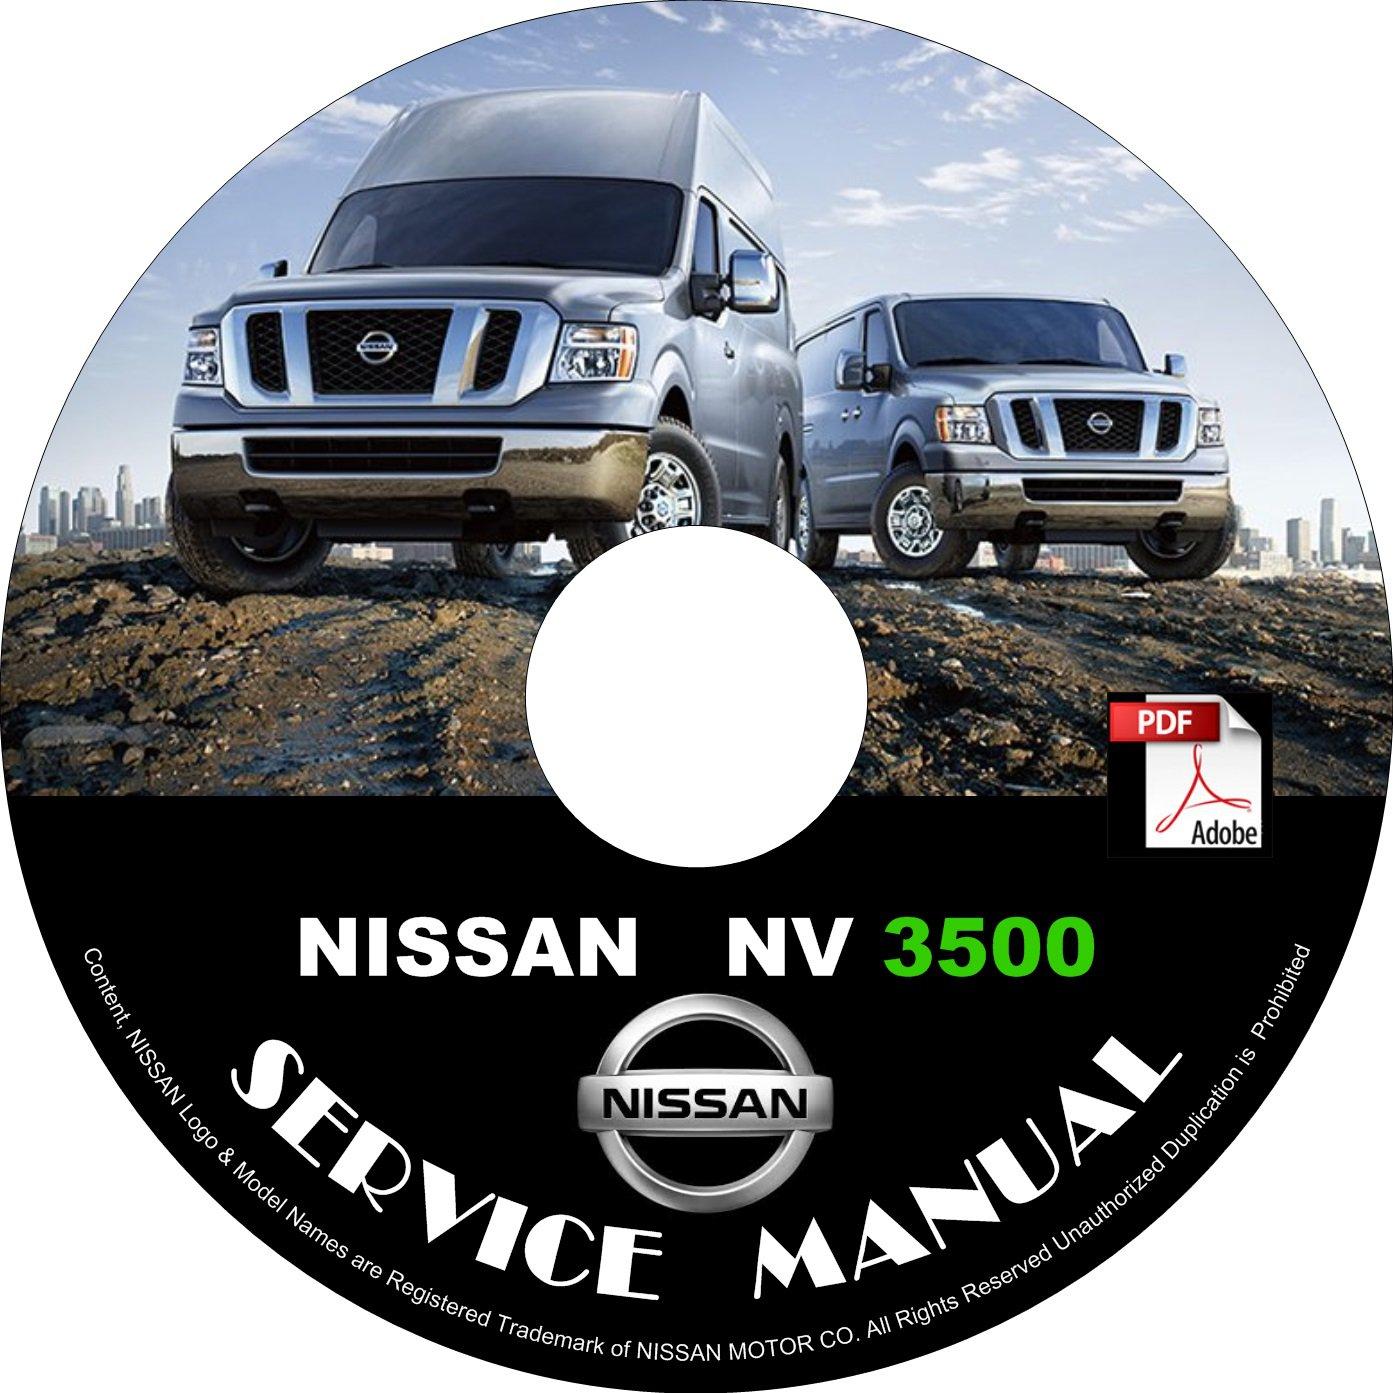 2016 Nissan NV 3500 Factory Service Repair Shop Manual on CD Fix Repair Rebuild '16 Workshop Guide